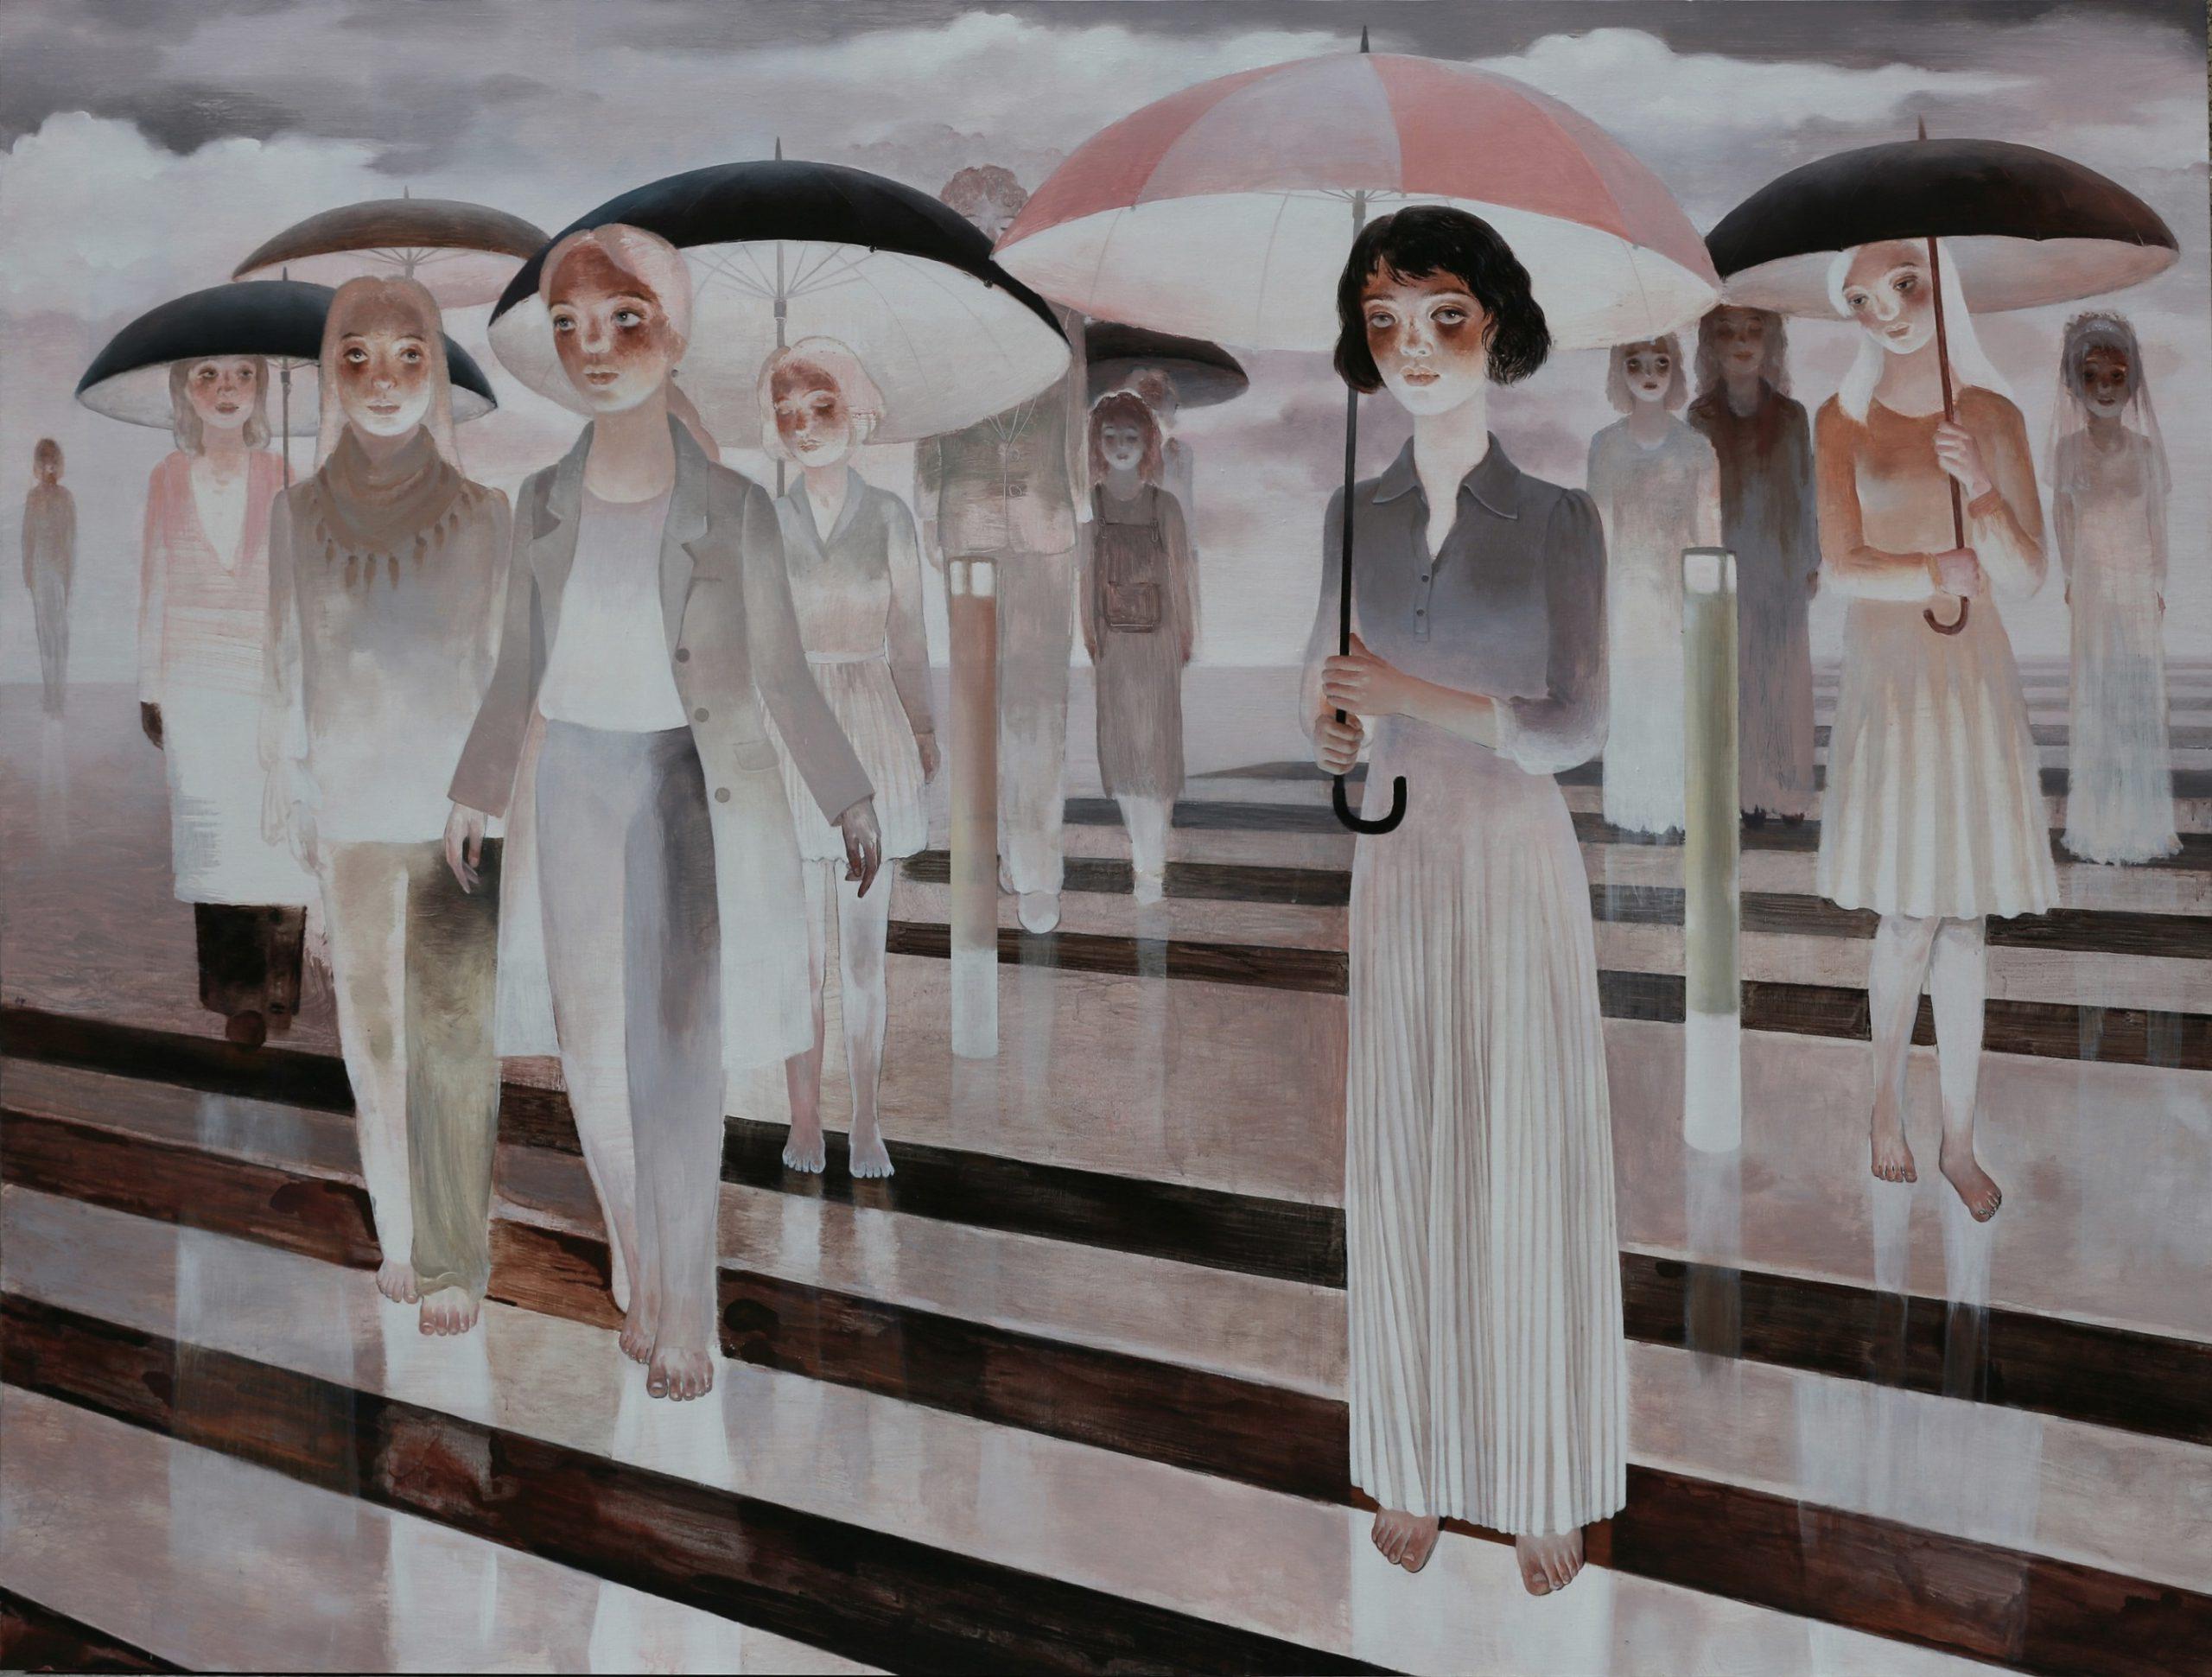 【遊離】150x200cm布面アクリル2015【王小双絵画個展・言いたいことはまだ恥ずかしい】域上和美芸術館